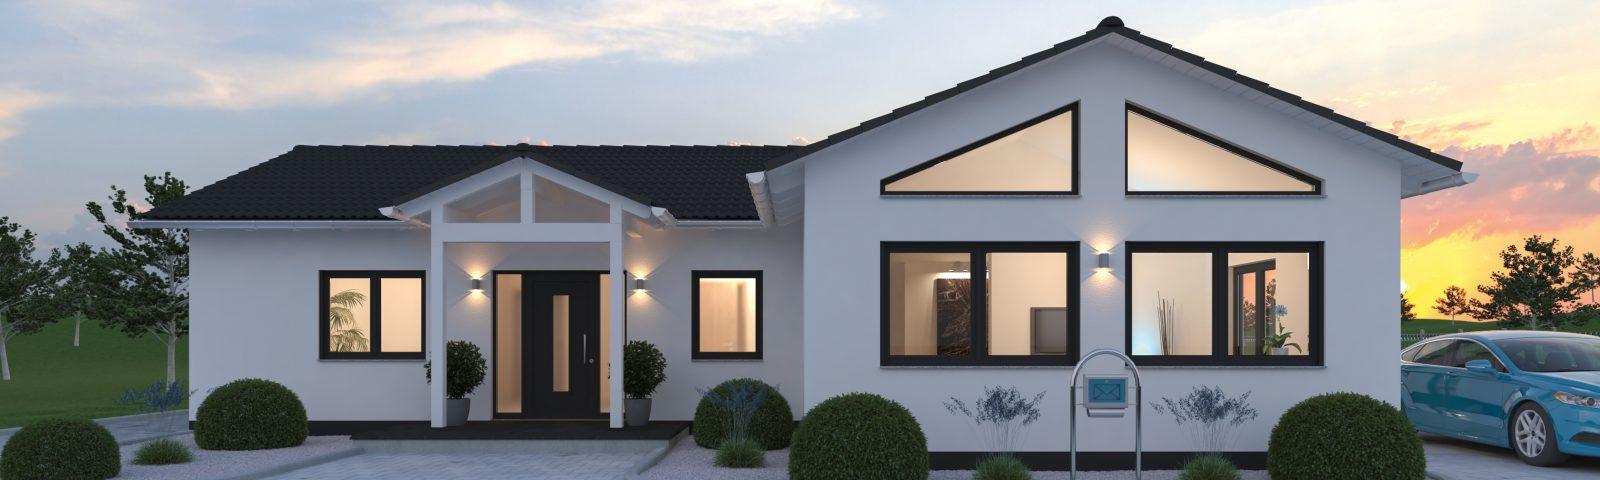 Massivhaus oder KfW Haus im Saarland bauen | Spektral Haus